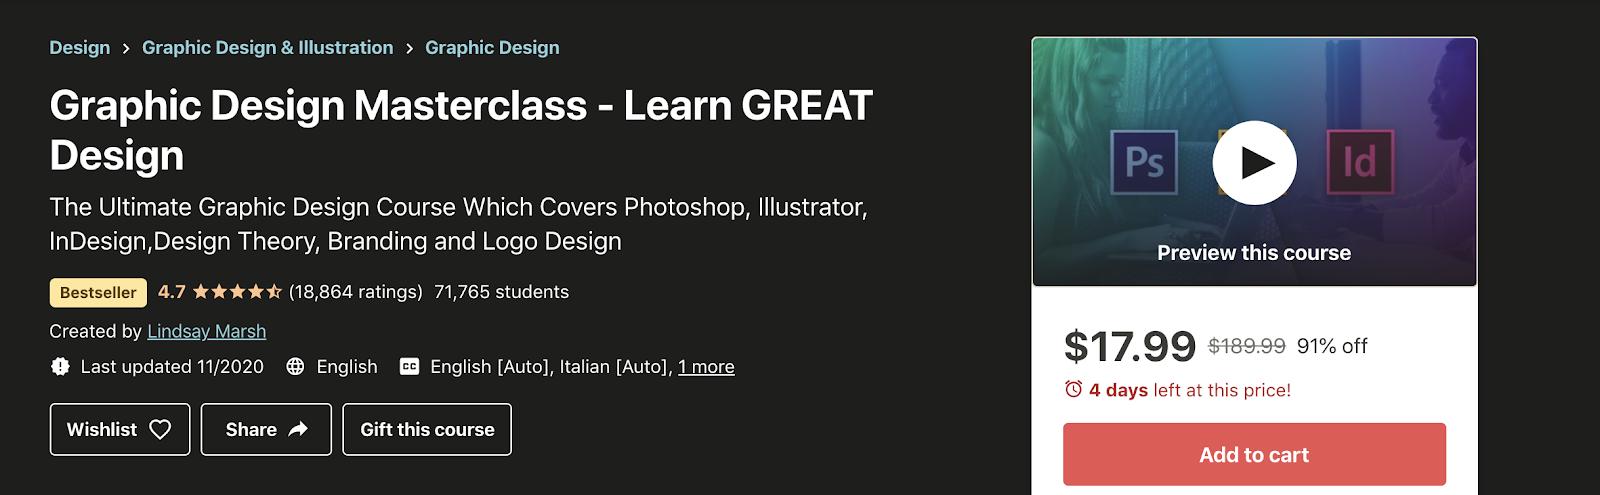 Graphic Design Masterclass